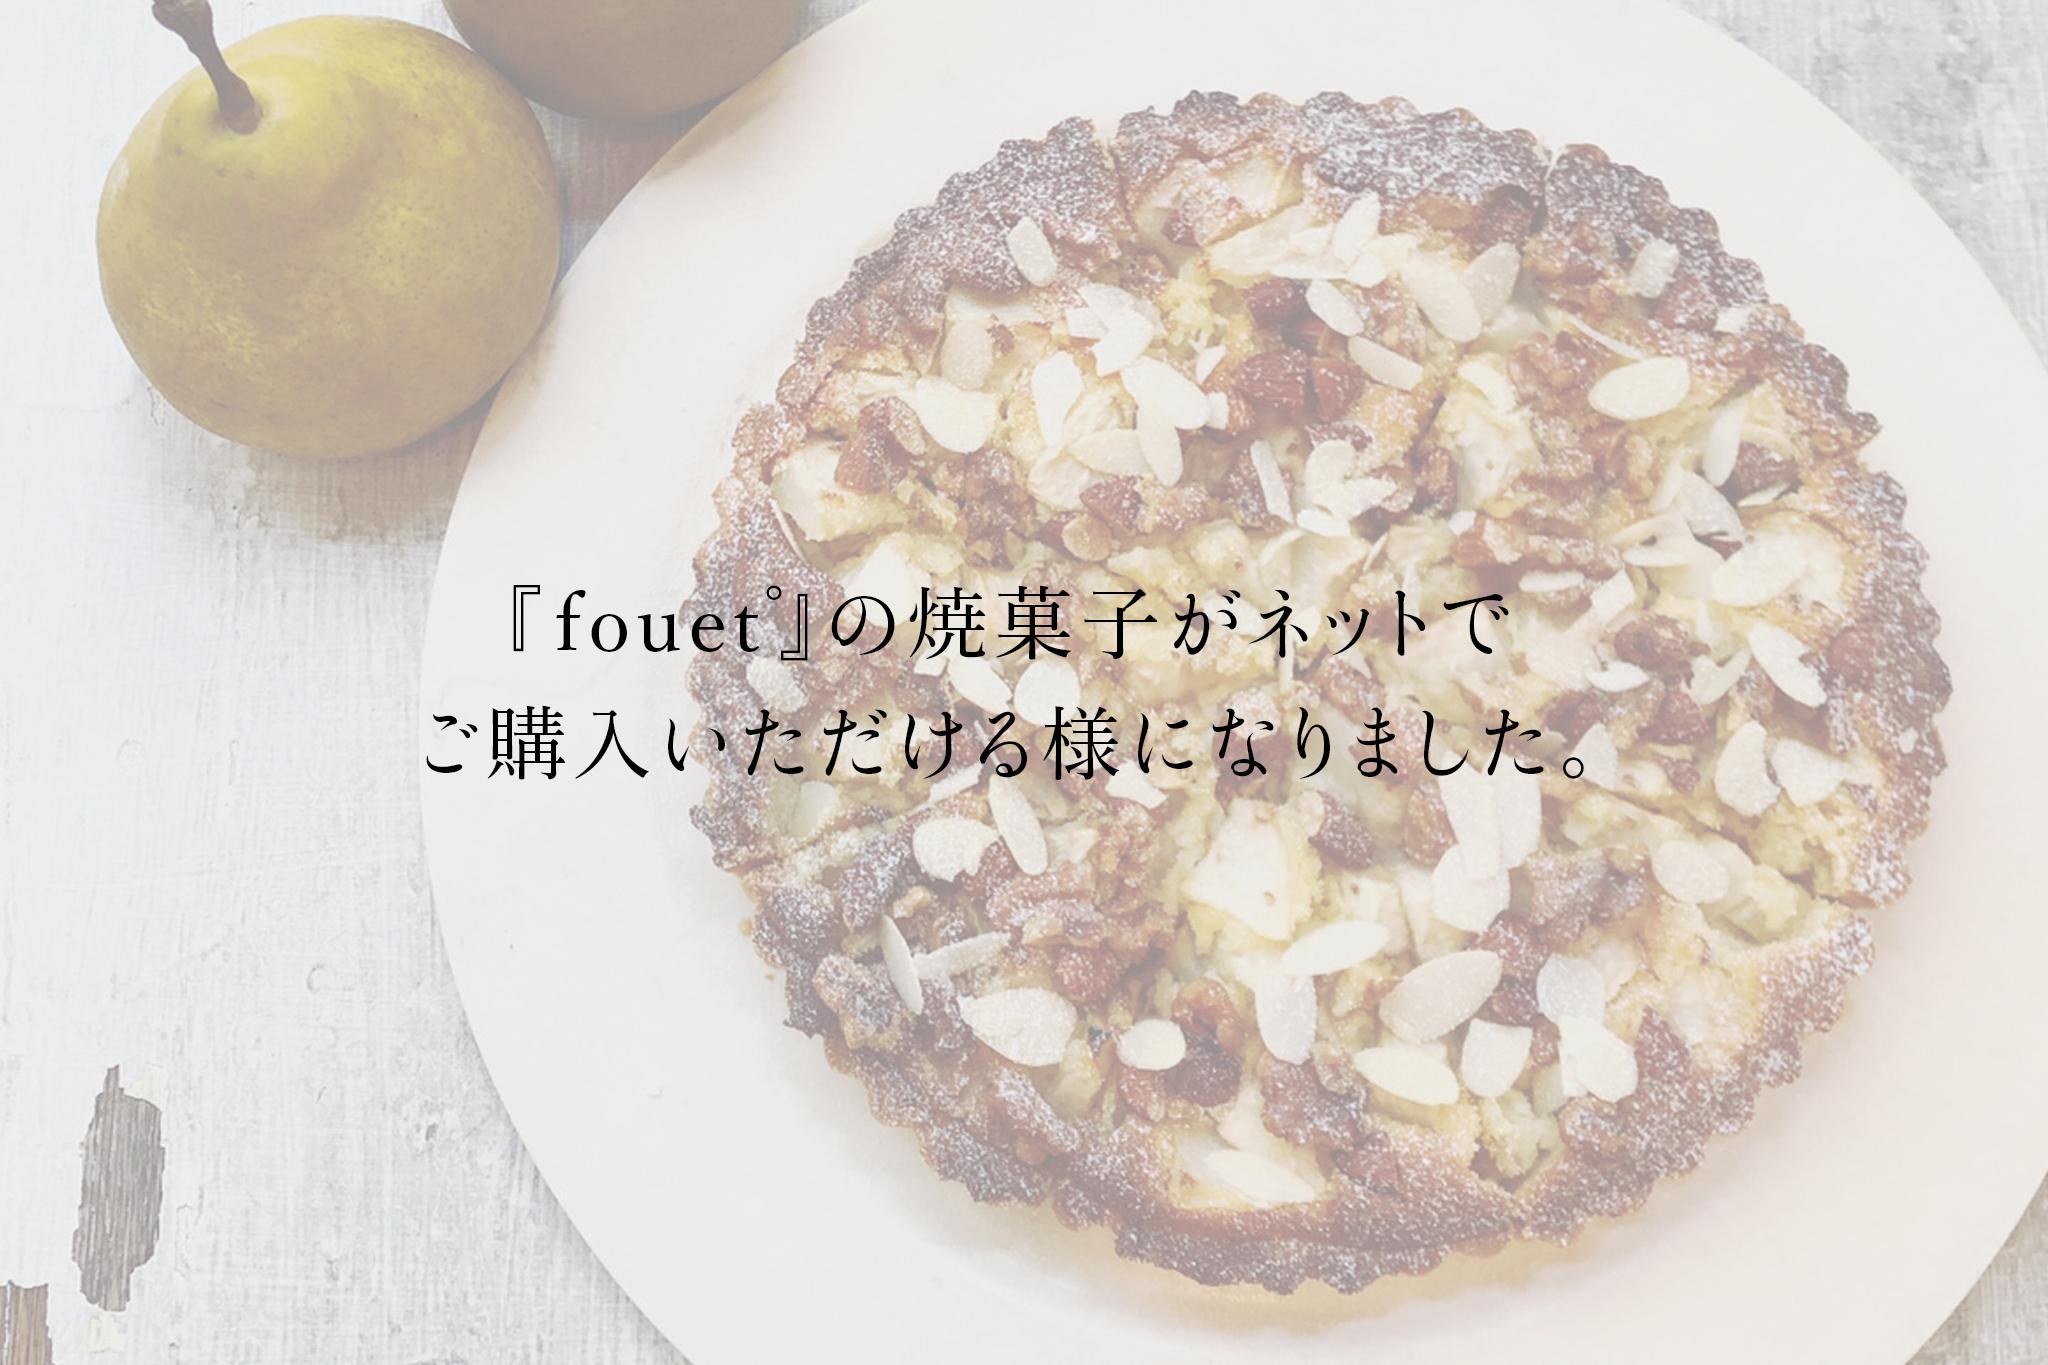 フエの焼菓子が公式サイトでご購入いただけます。